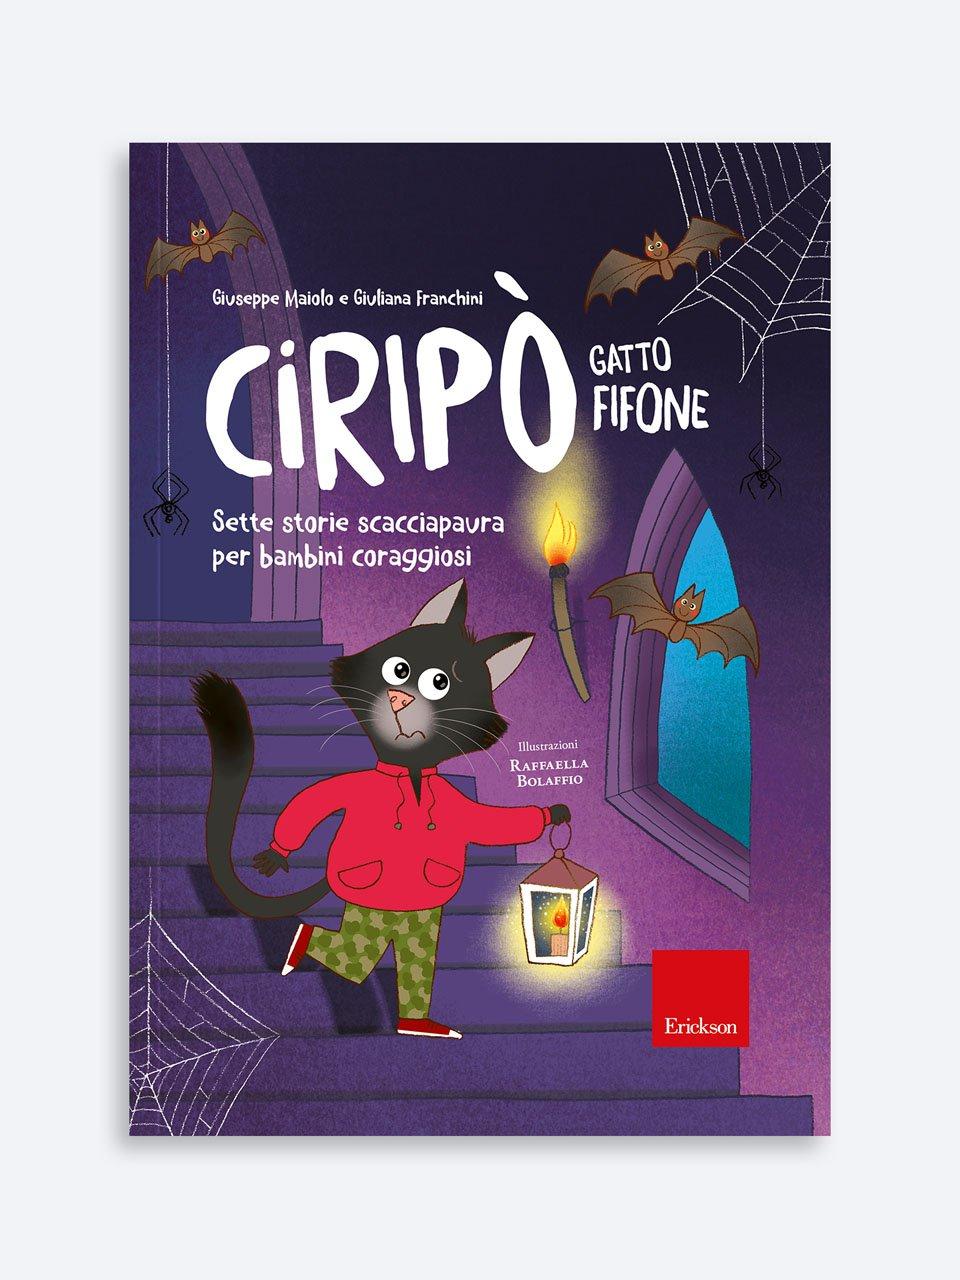 Ciripò gatto fifone - Disegnare le emozioni - Libri - Erickson